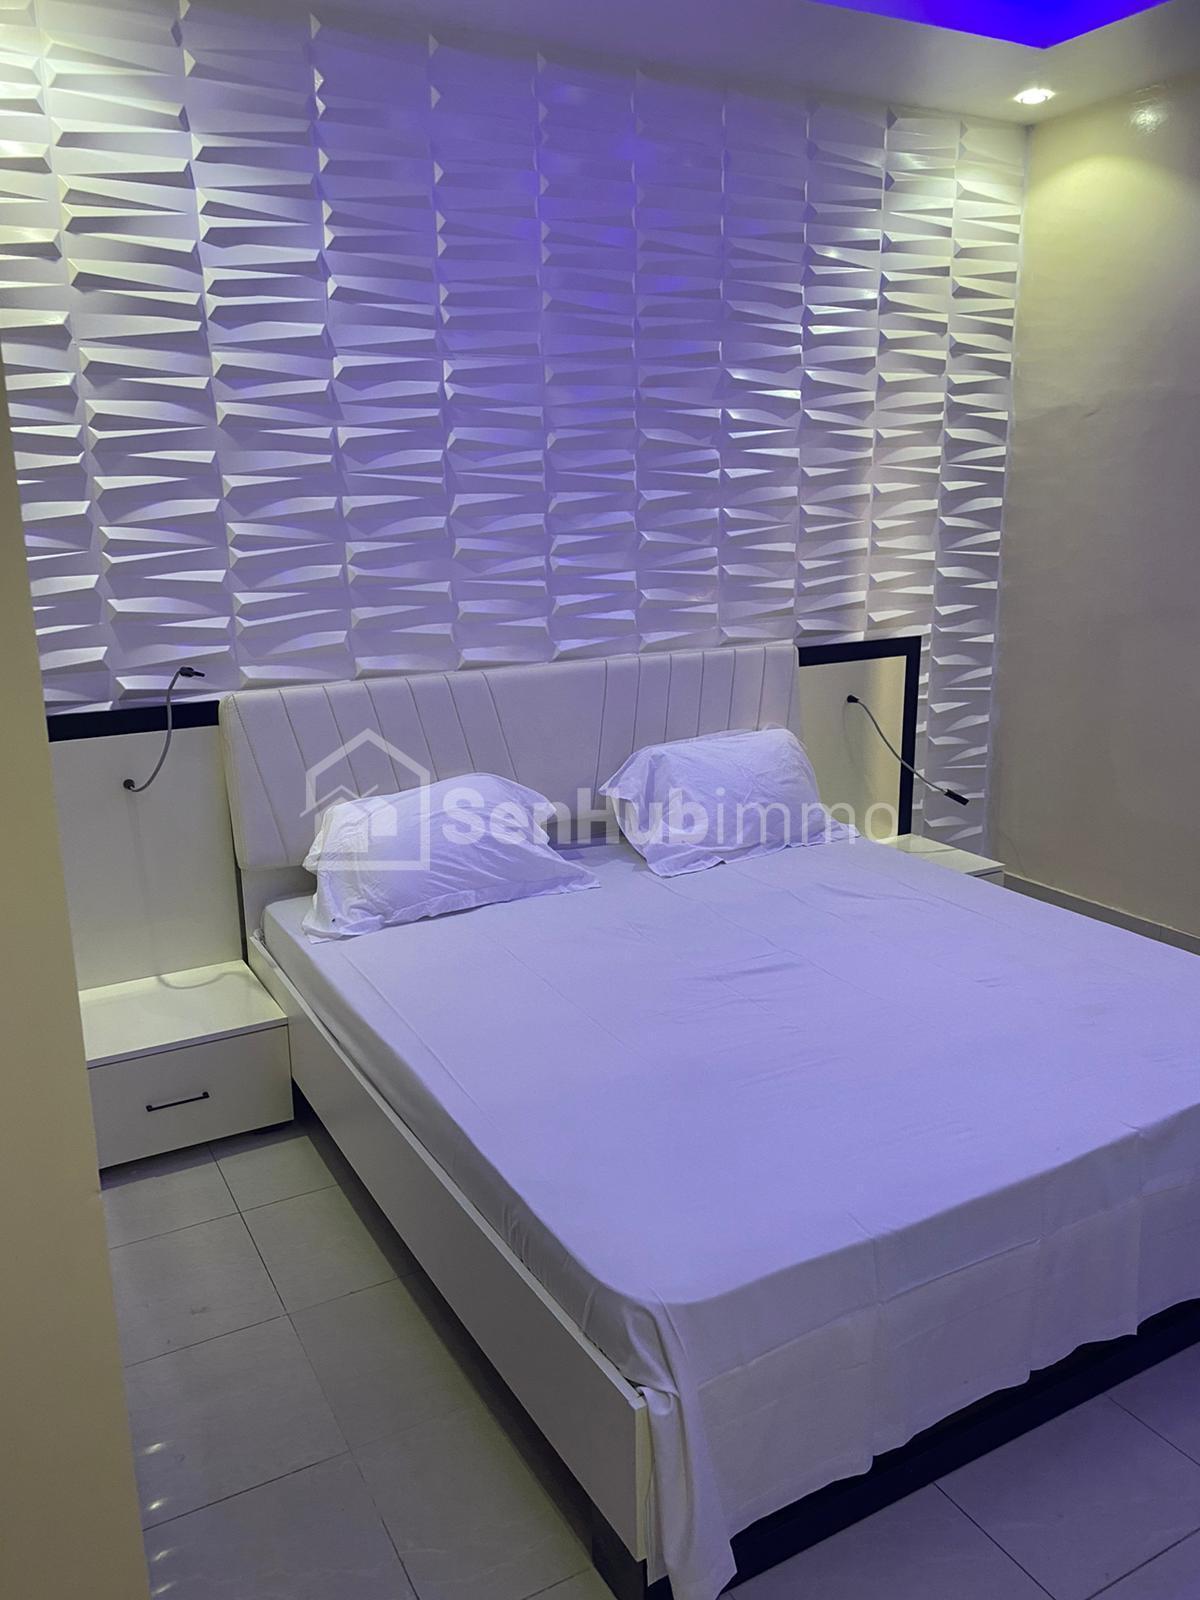 Appartement meublé à louer à Liberté 6 - SenhubImmo.com